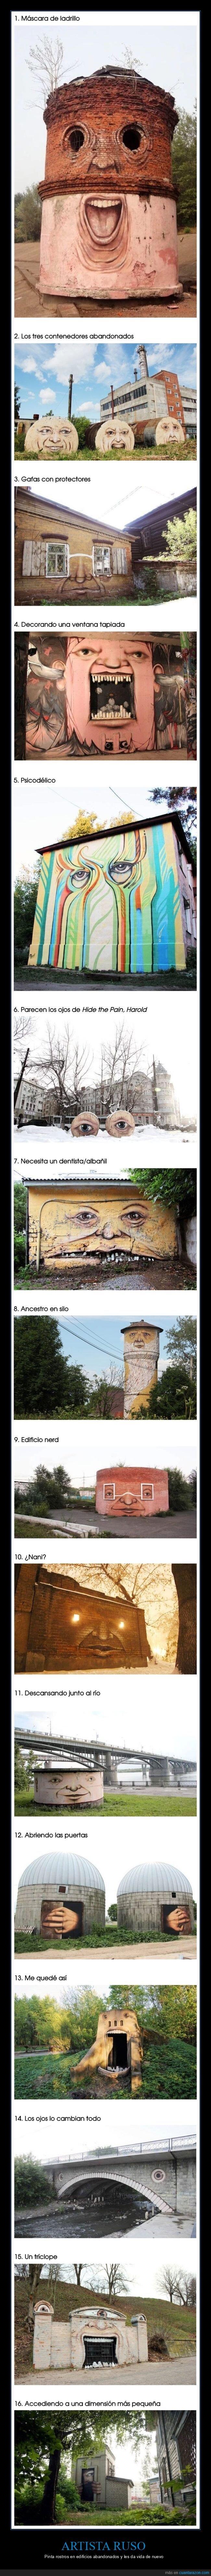 artista,caras,edificios abandonados